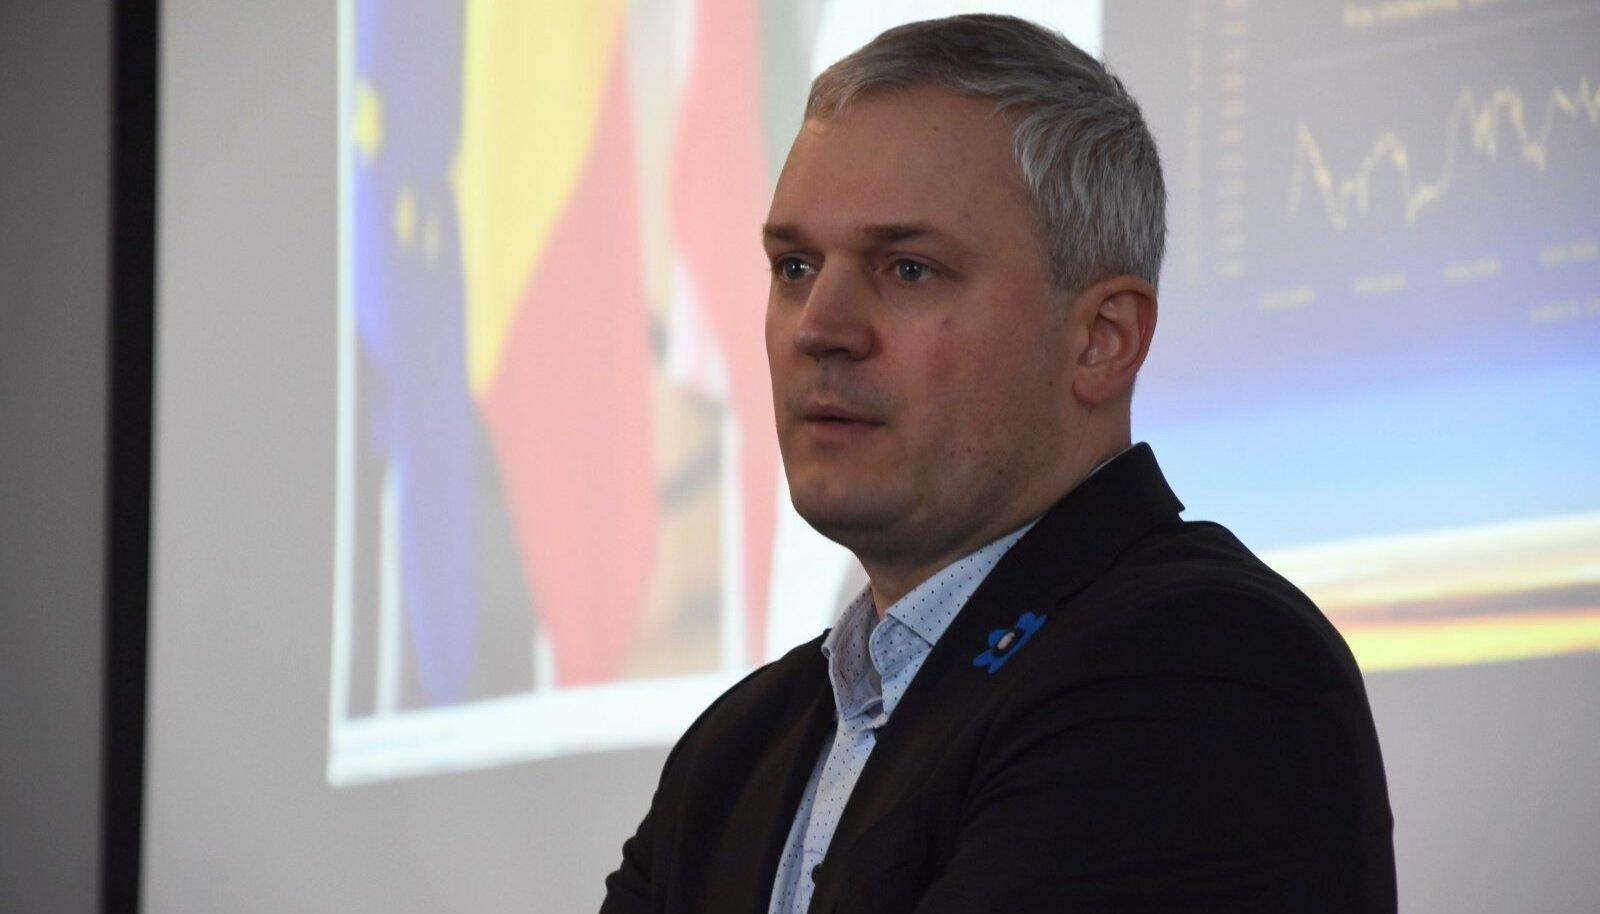 Kalev Kallemets Lääne-Viru Omavalitsuste Liidu (VIROL) üldkoosolekul